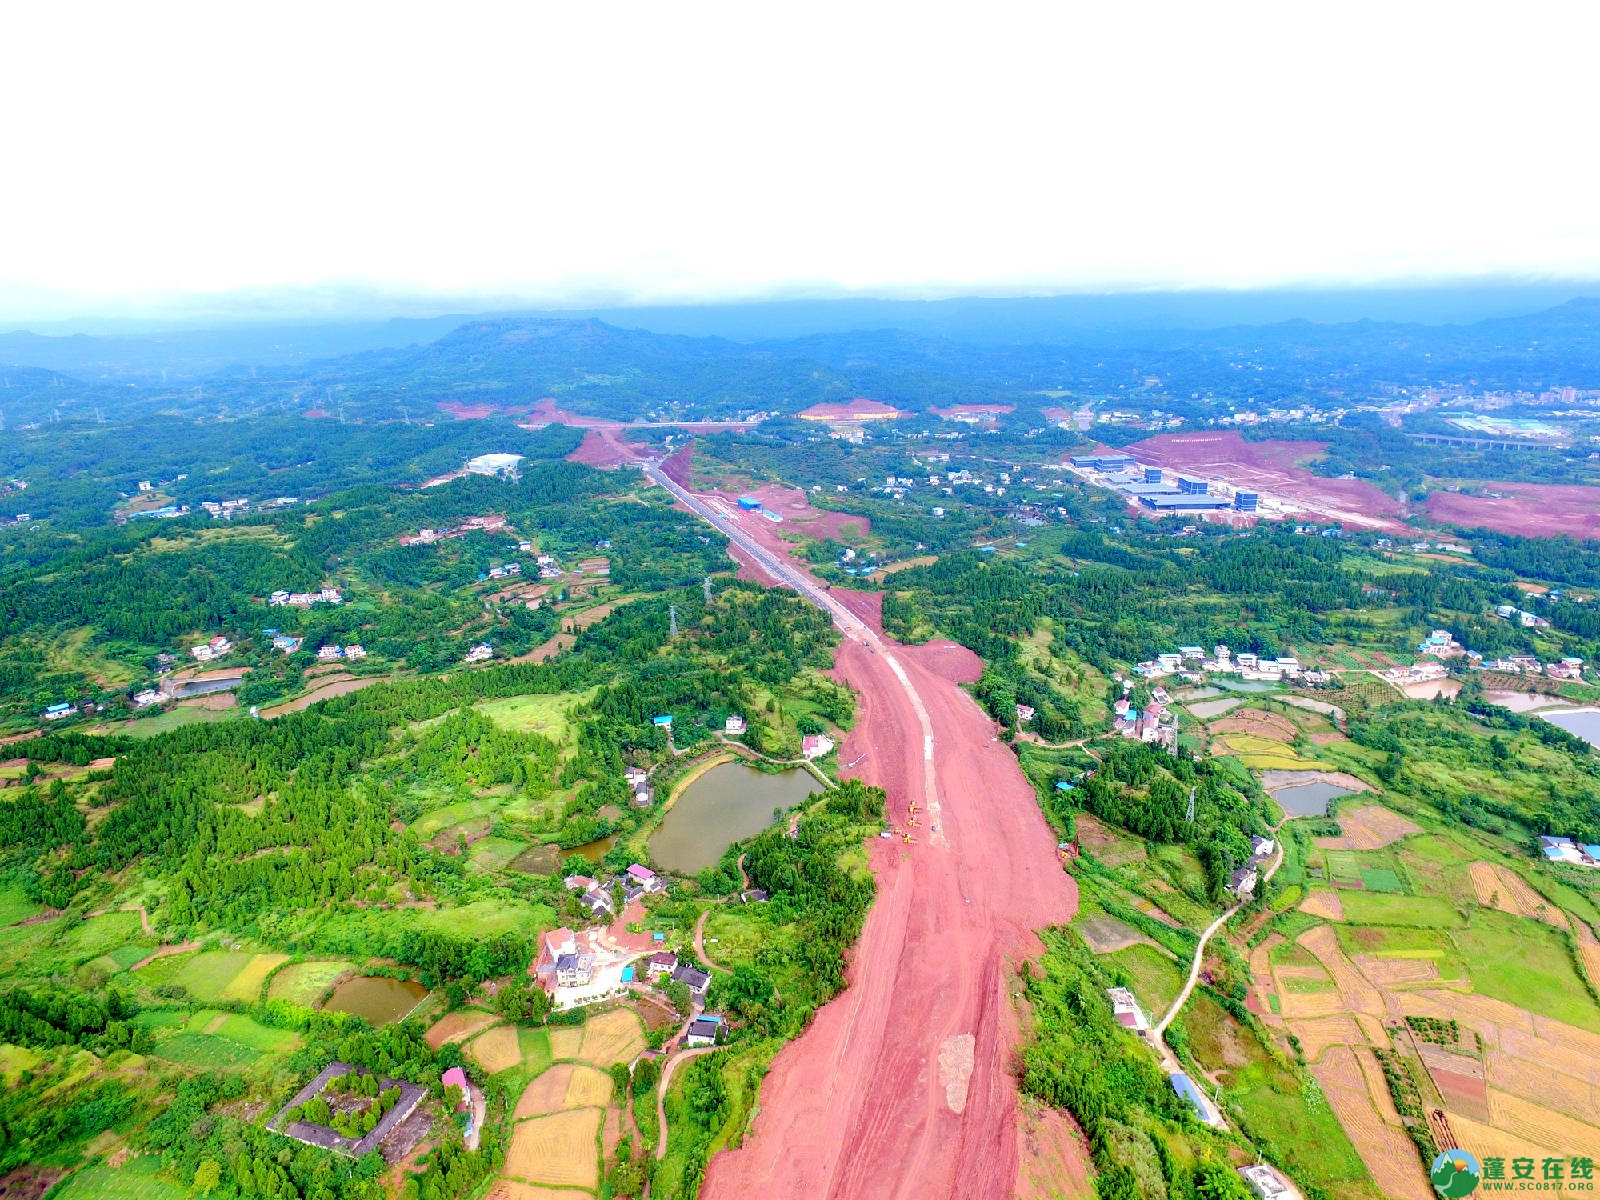 顺蓬营一级公路蓬安段、青云大道二期道路最新进展(2019.8.29) - 第4张  | 蓬安在线